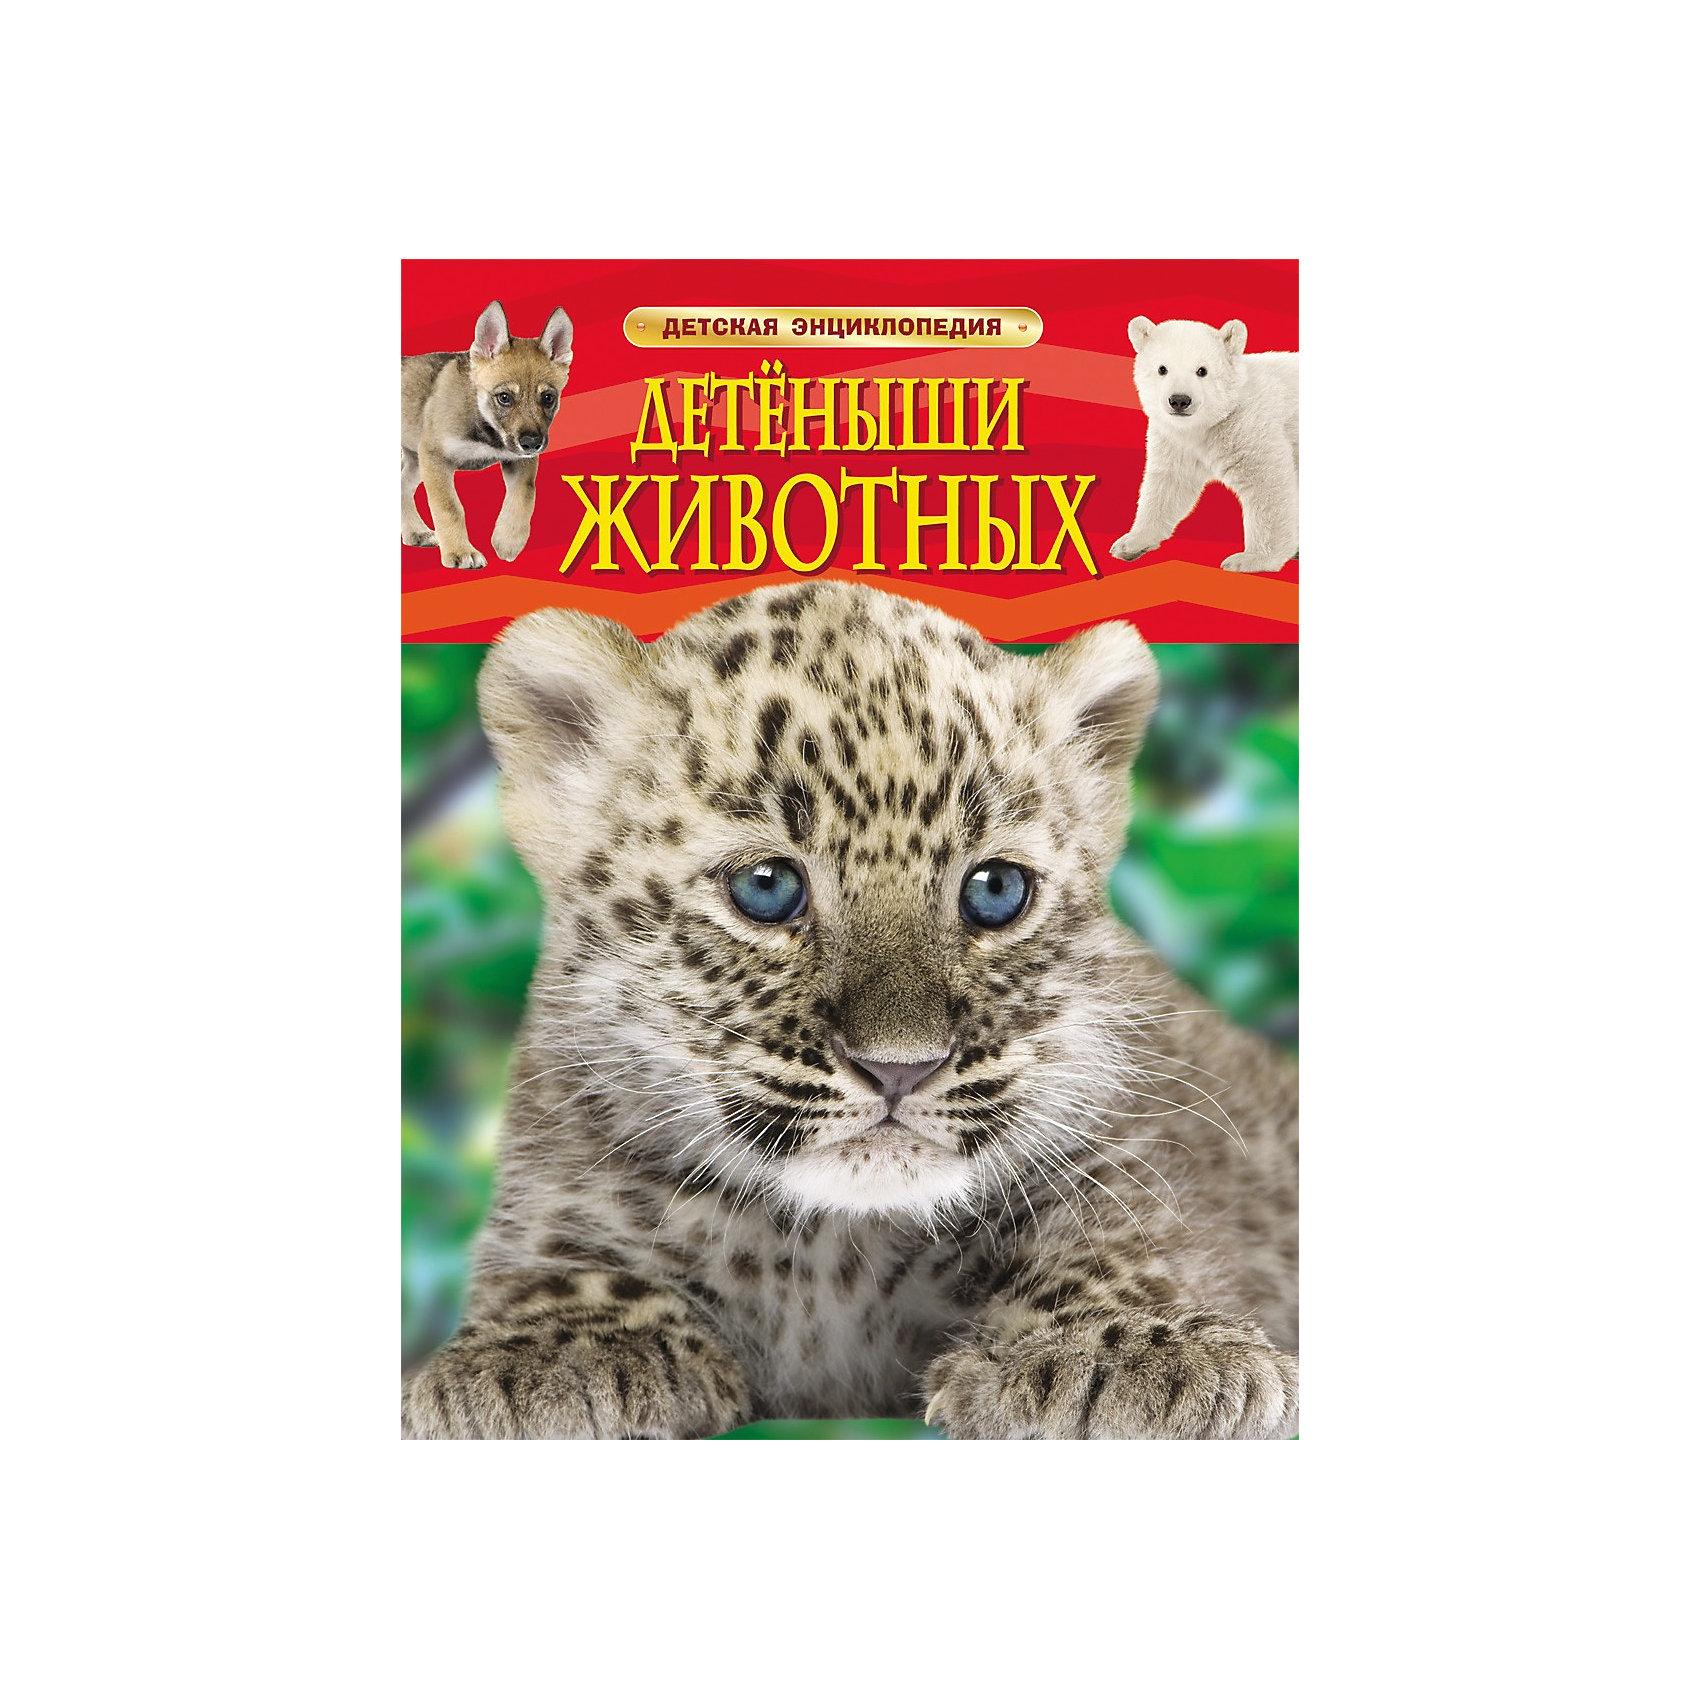 Росмэн Детская энциклопедия Детеныши животных кто мой малыш животные и их детеныши